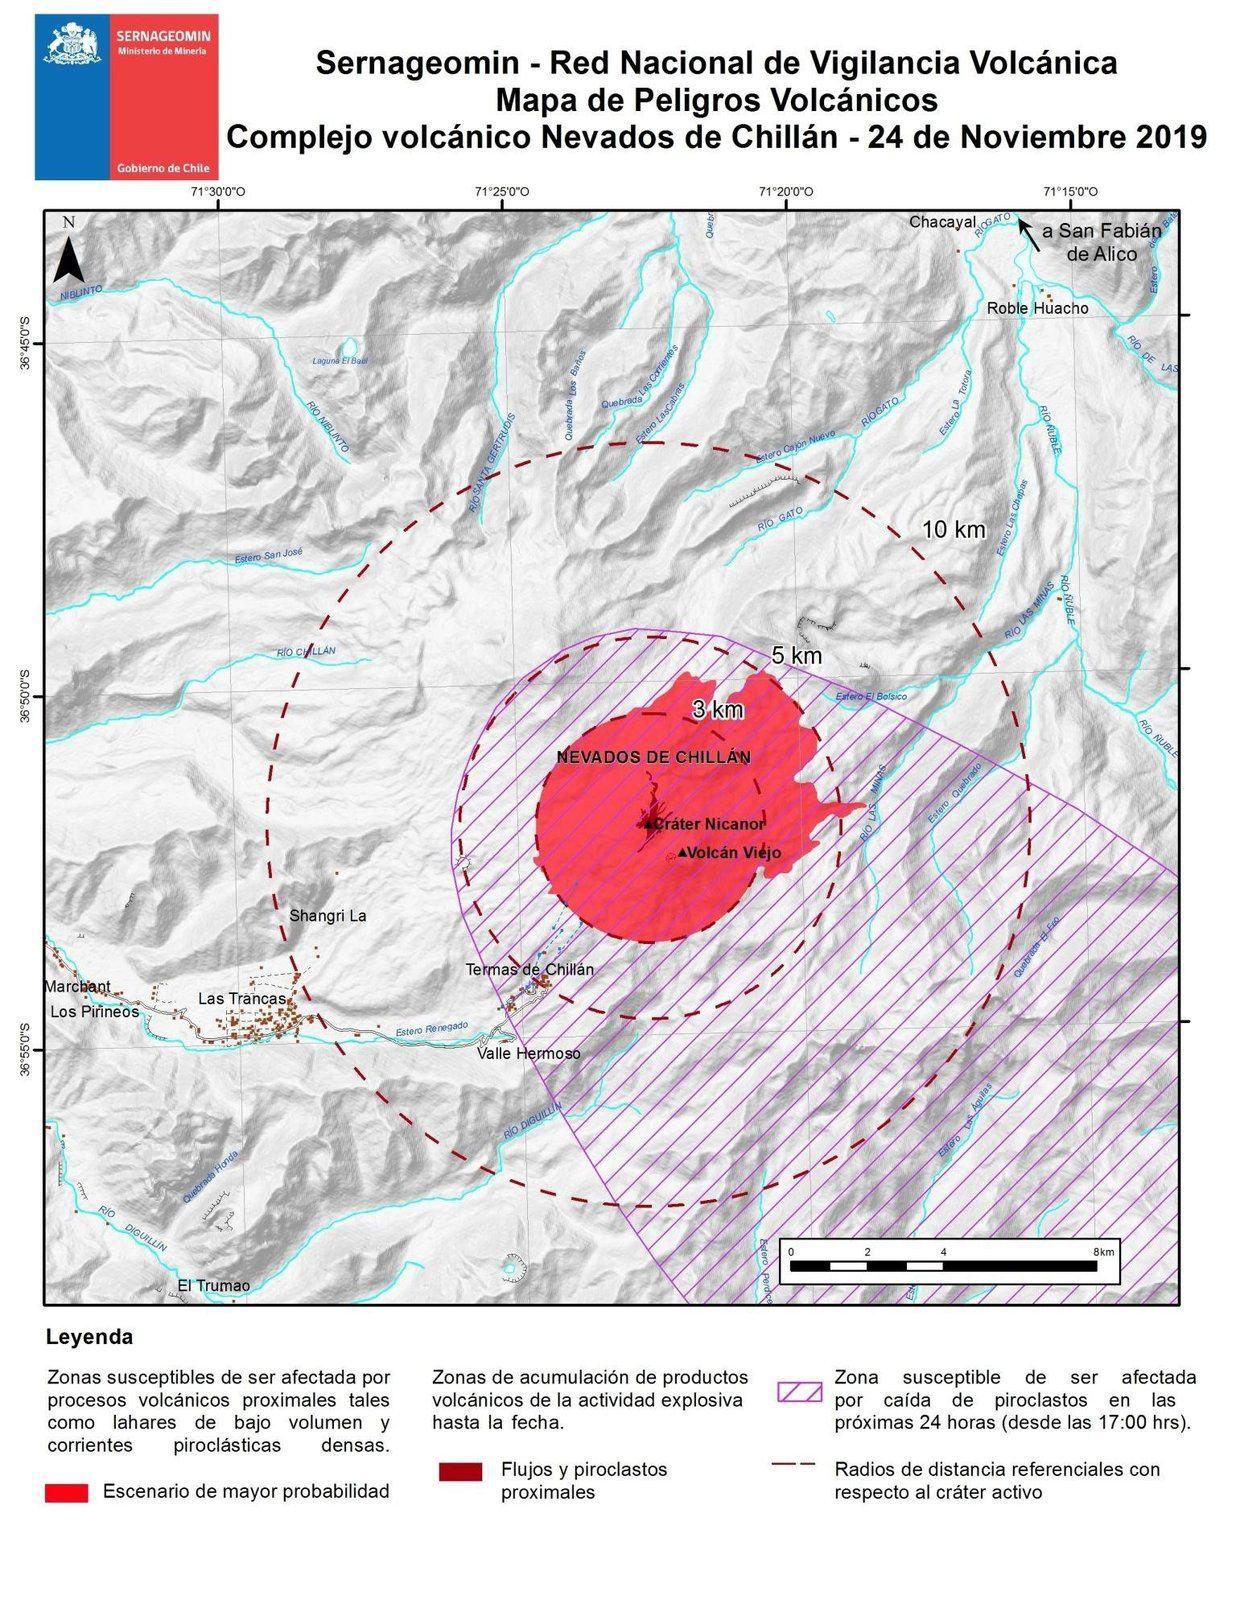 Nevados de Chillan - carte dangers volcaniques au 24.11.2019 - Sernageomin / Onemi